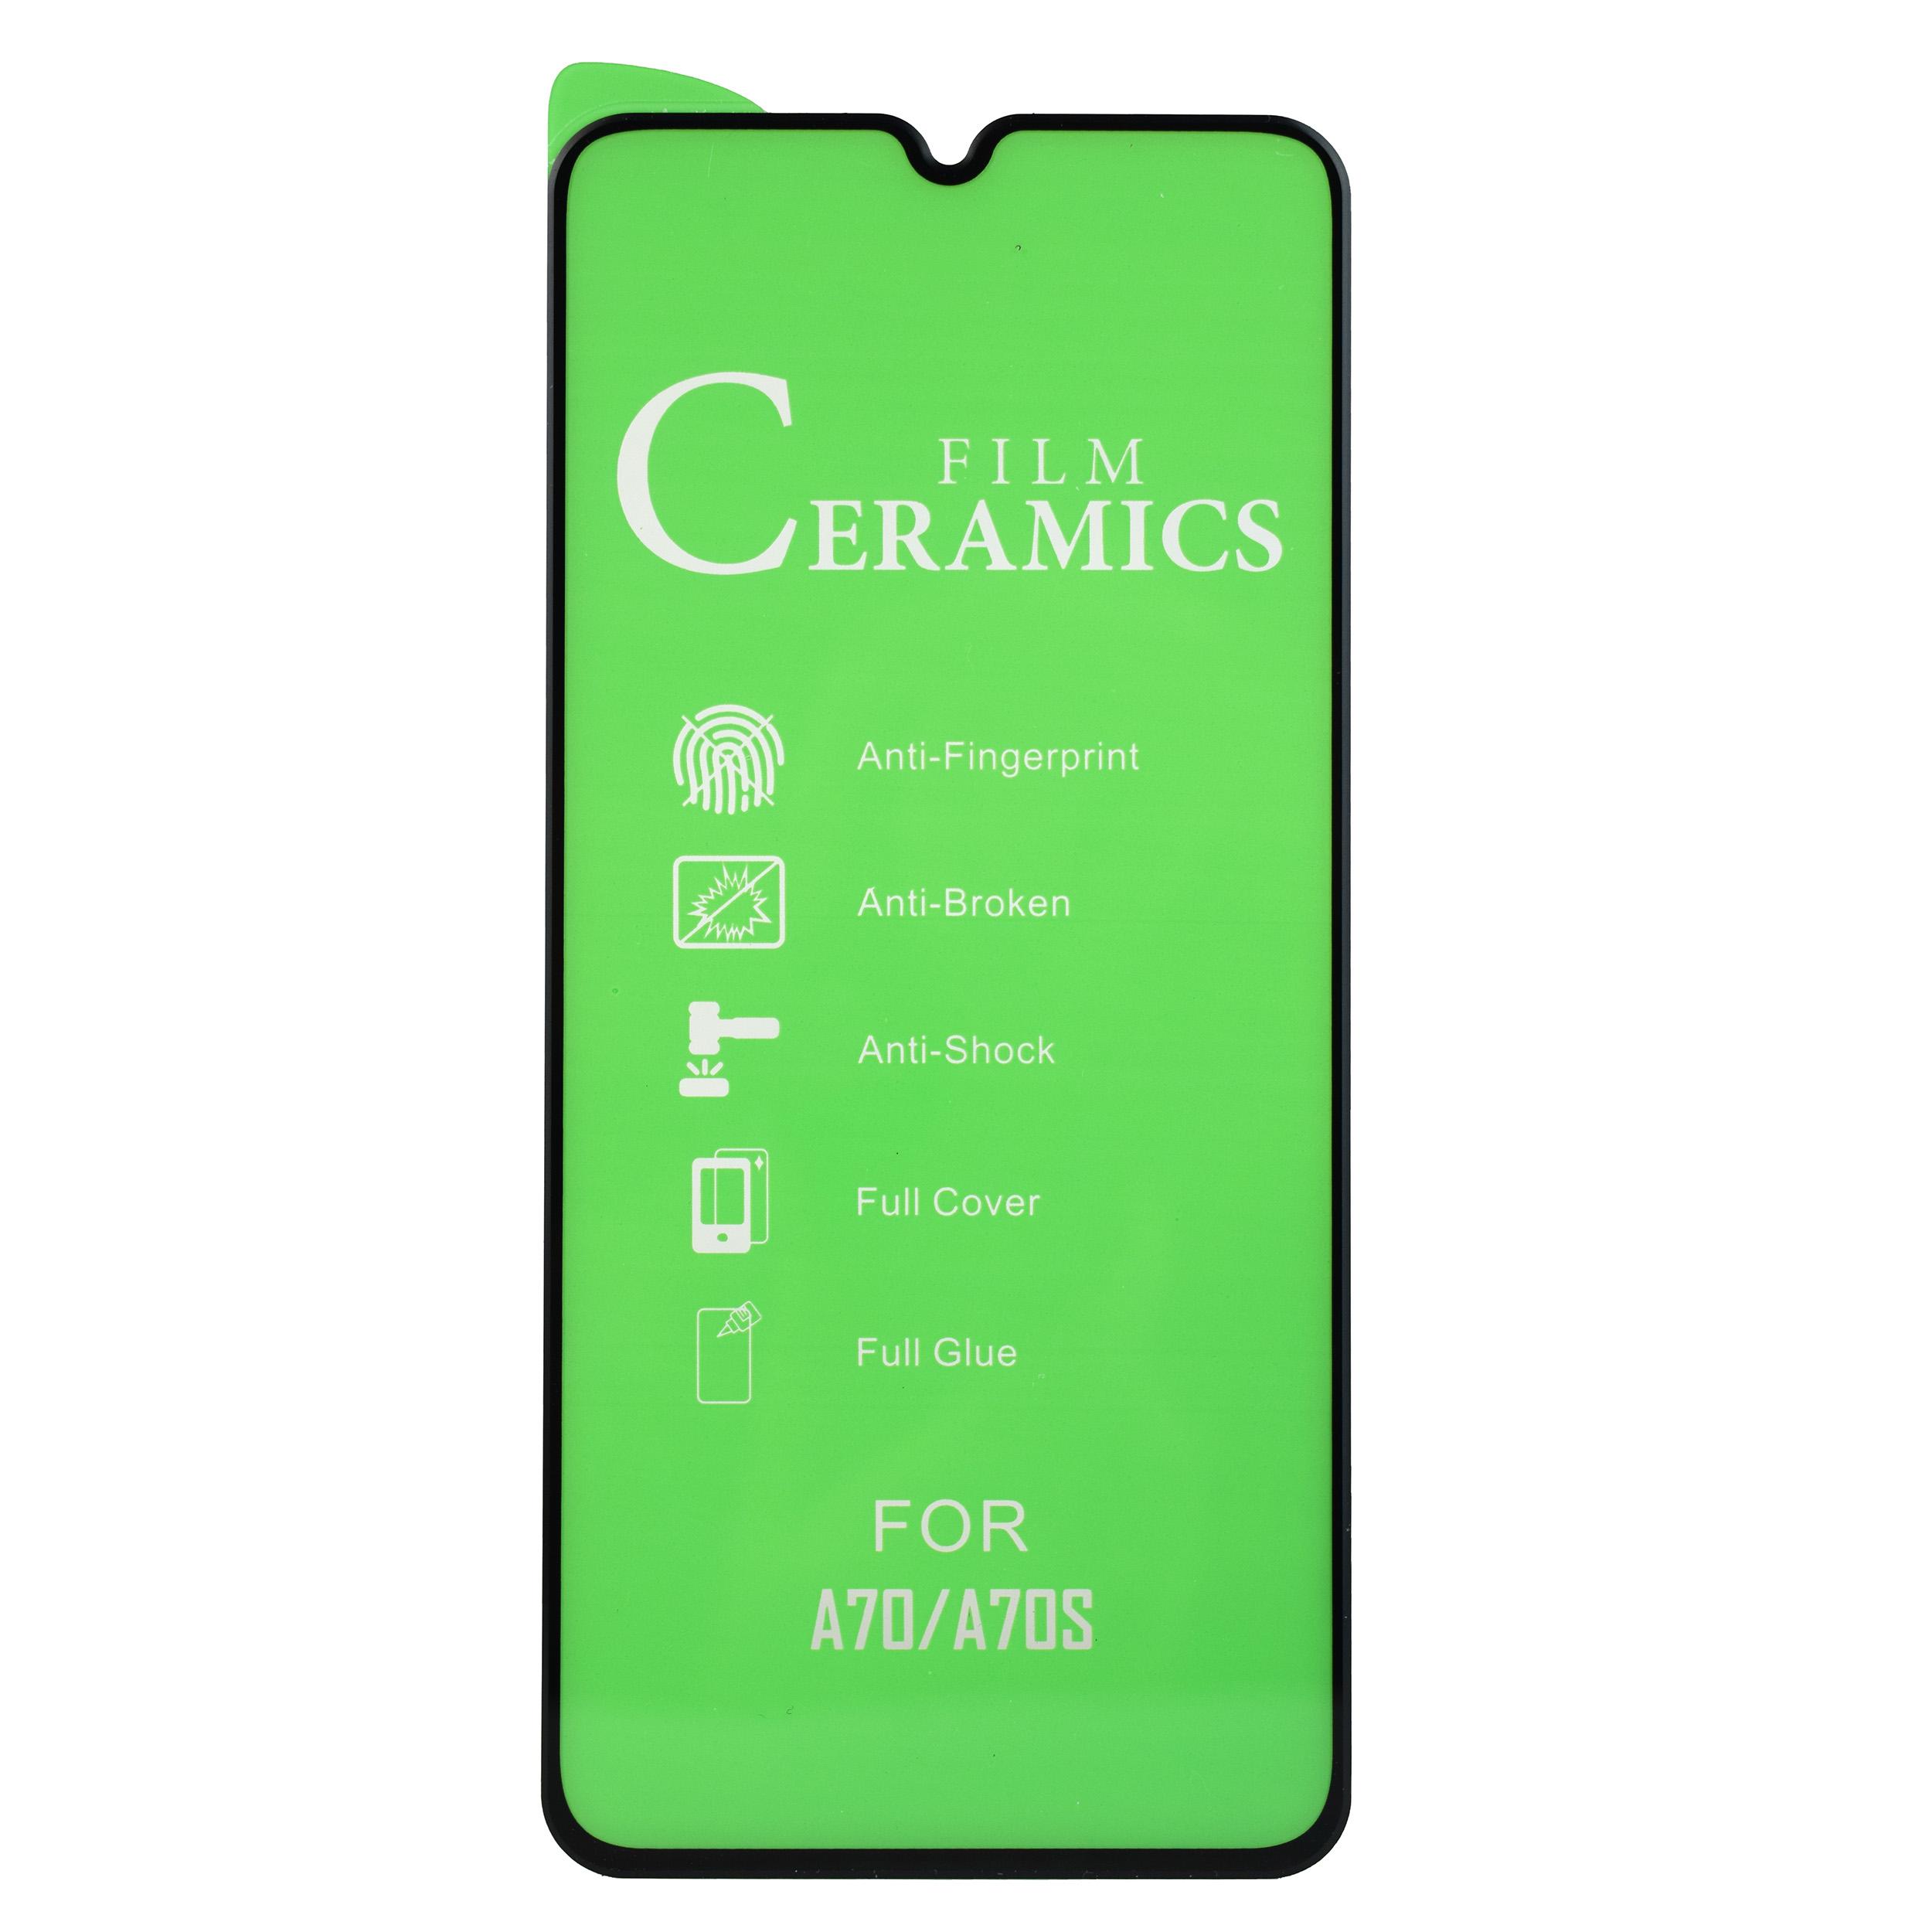 محافظ صفحه نمایش مدل CF9 مناسب برای گوشی موبایل سامسونگ Galaxy A70